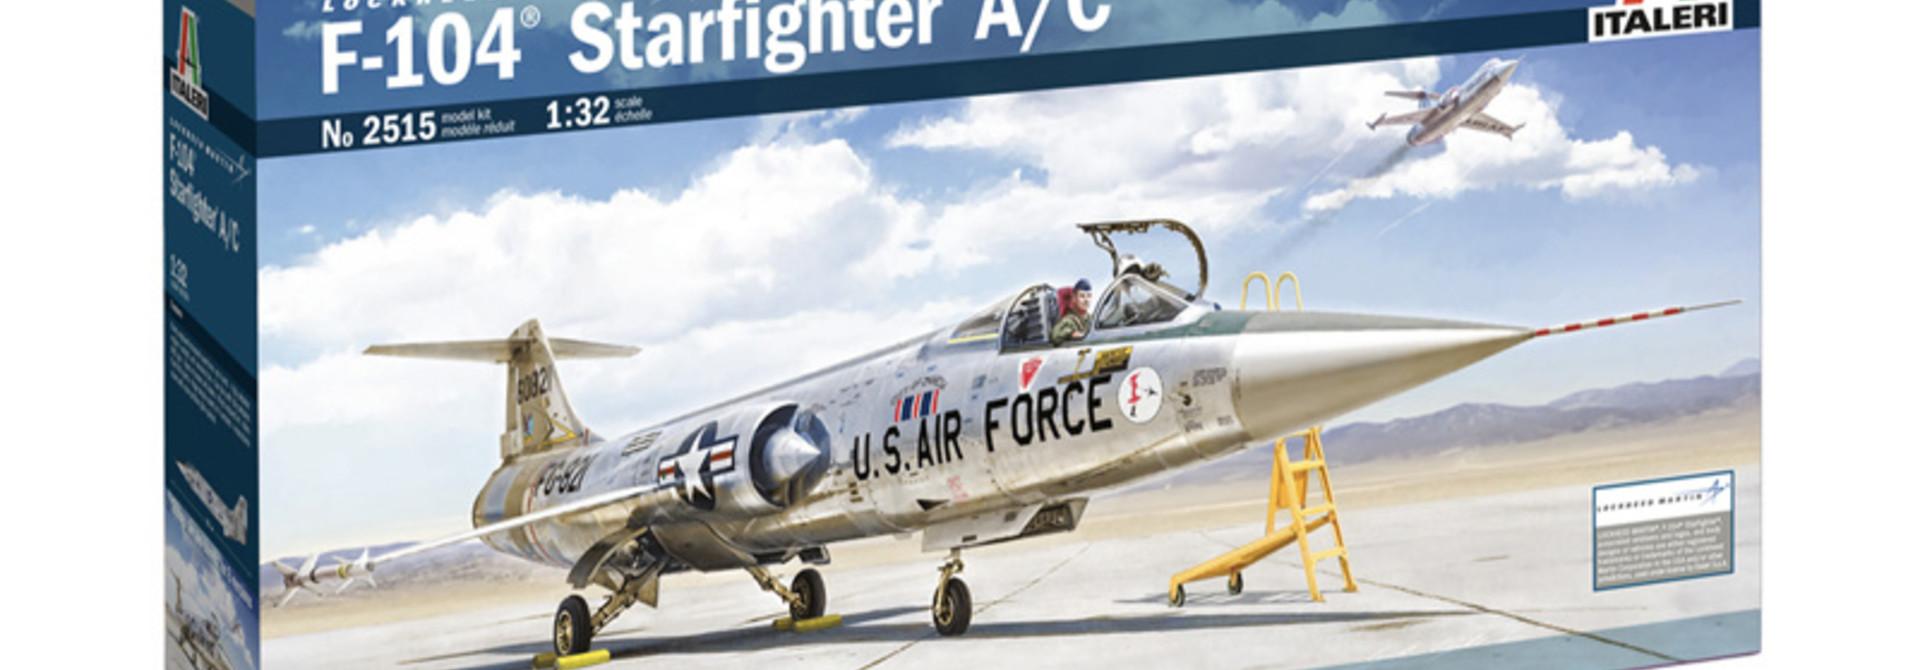 1:32 F-104 Starfighter